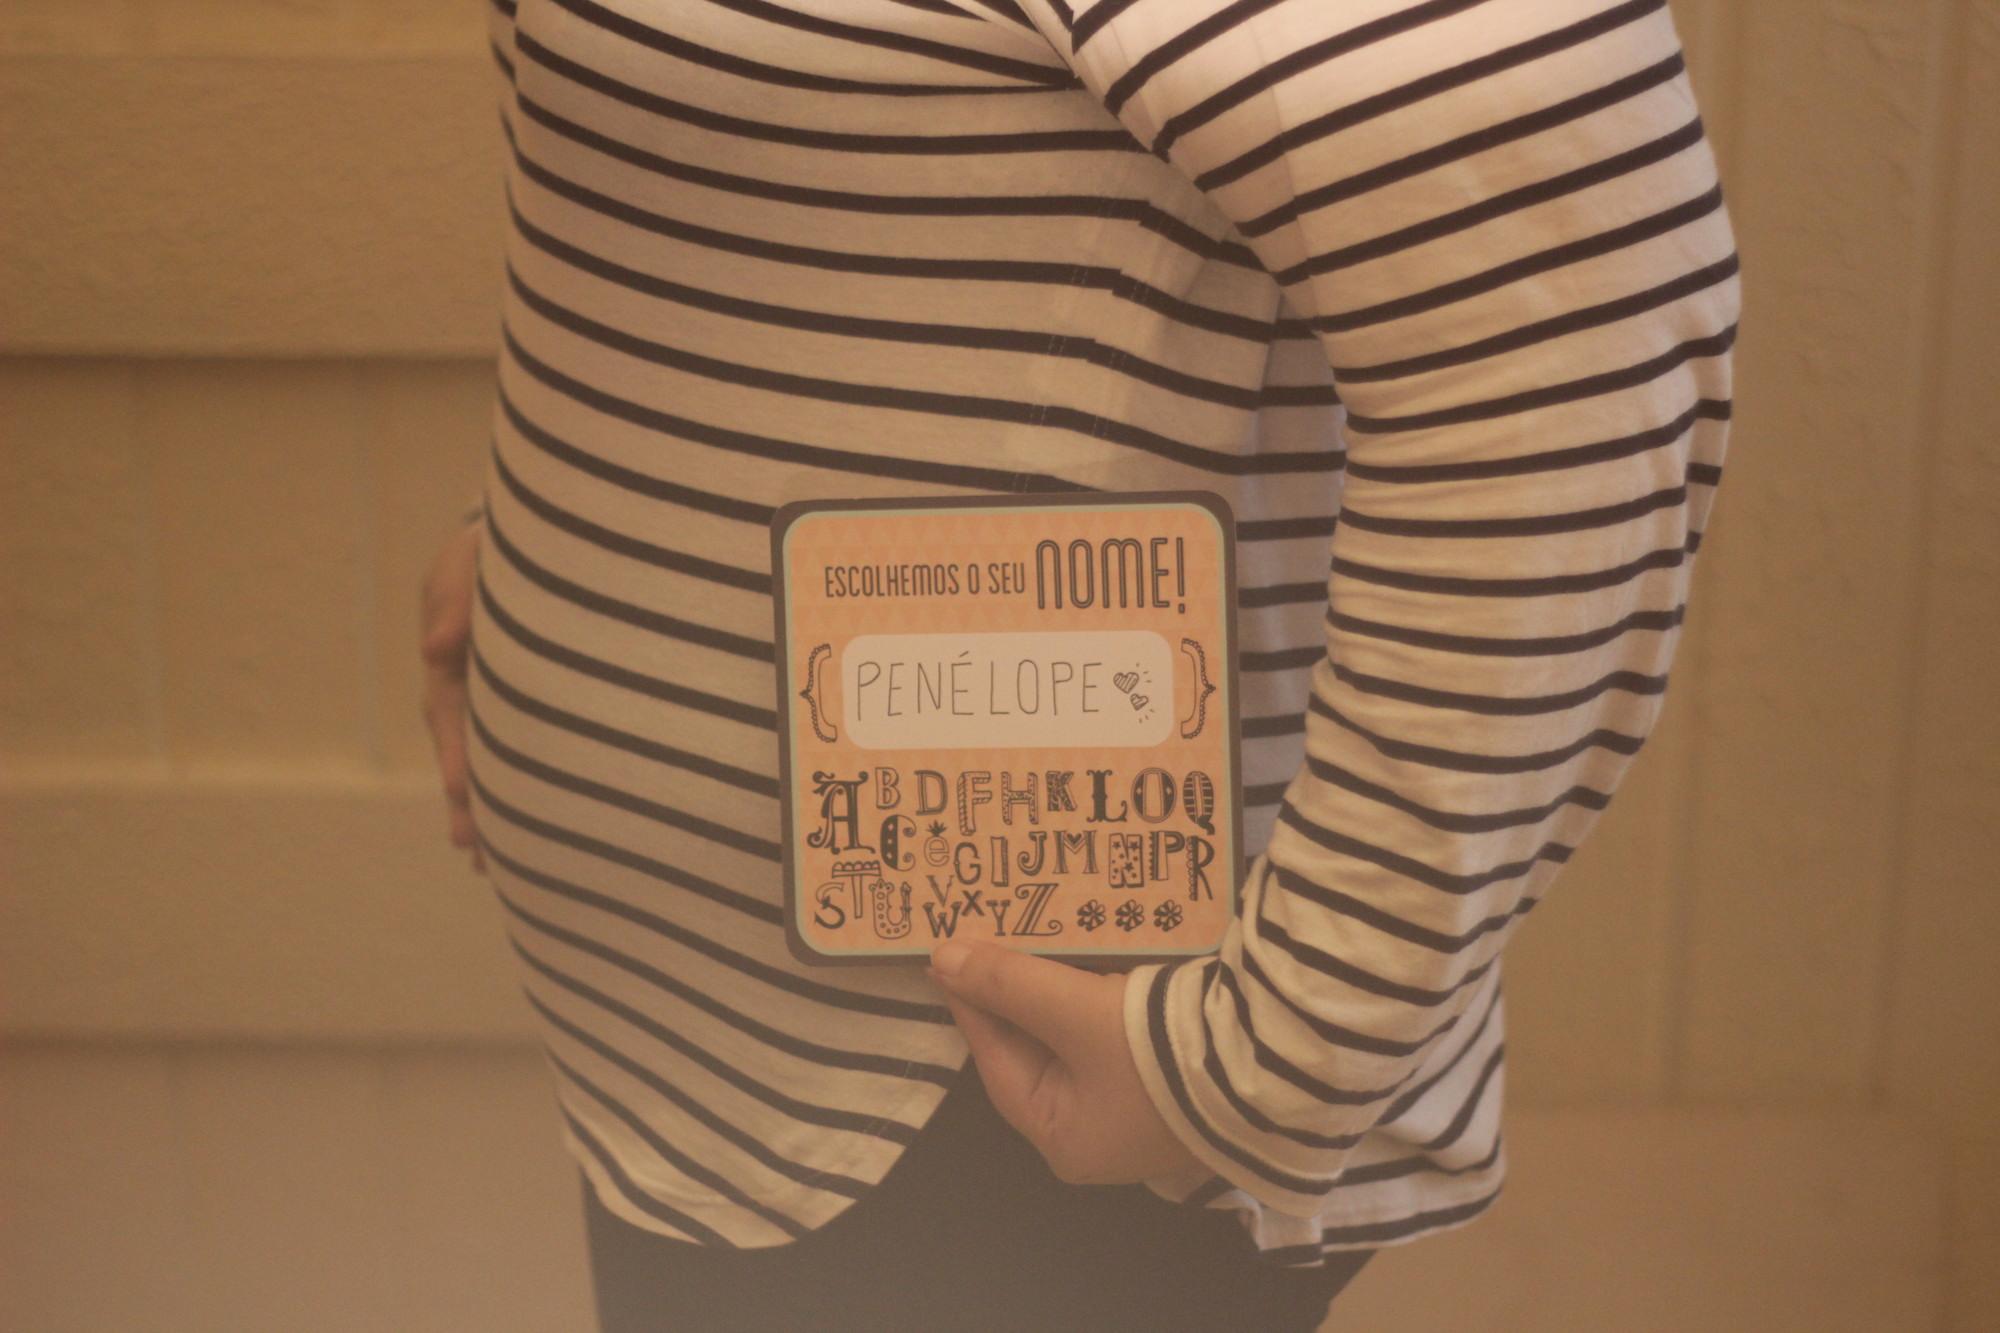 gravidez nome de menina penelope